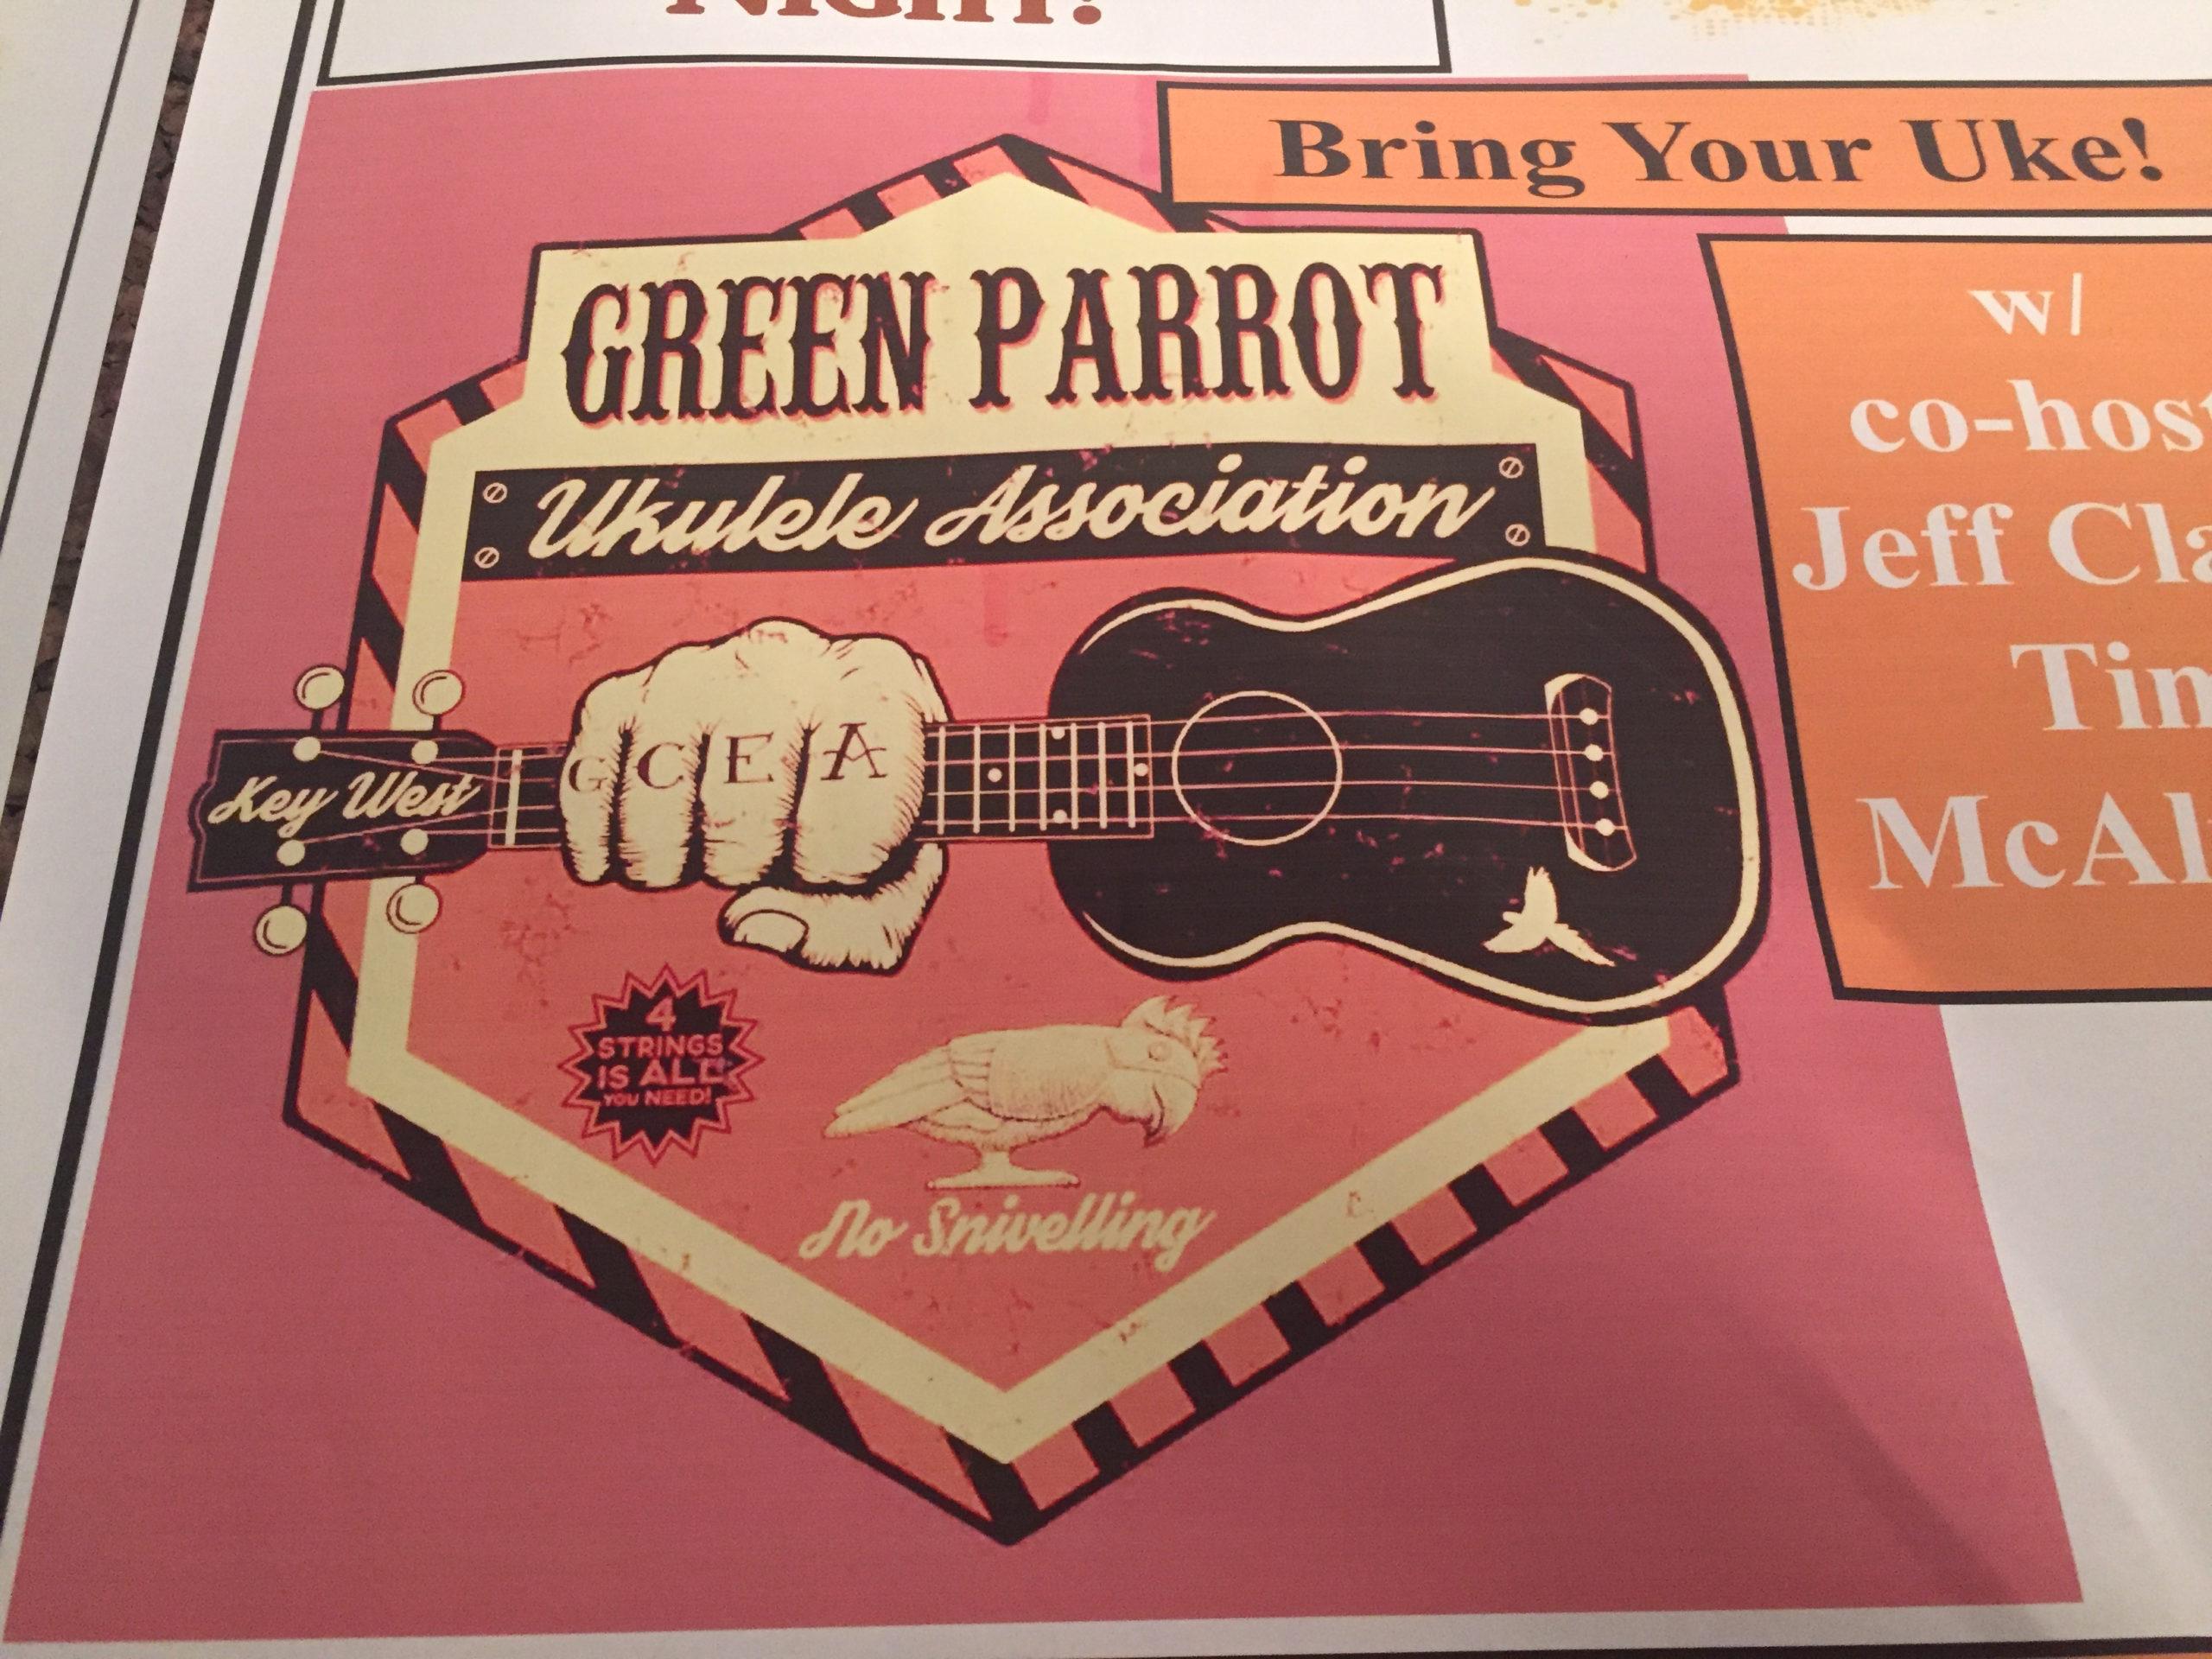 The Green Parrot auf Key West ist Austragungsstätte eines populären Ukelele-Wettbewerbs